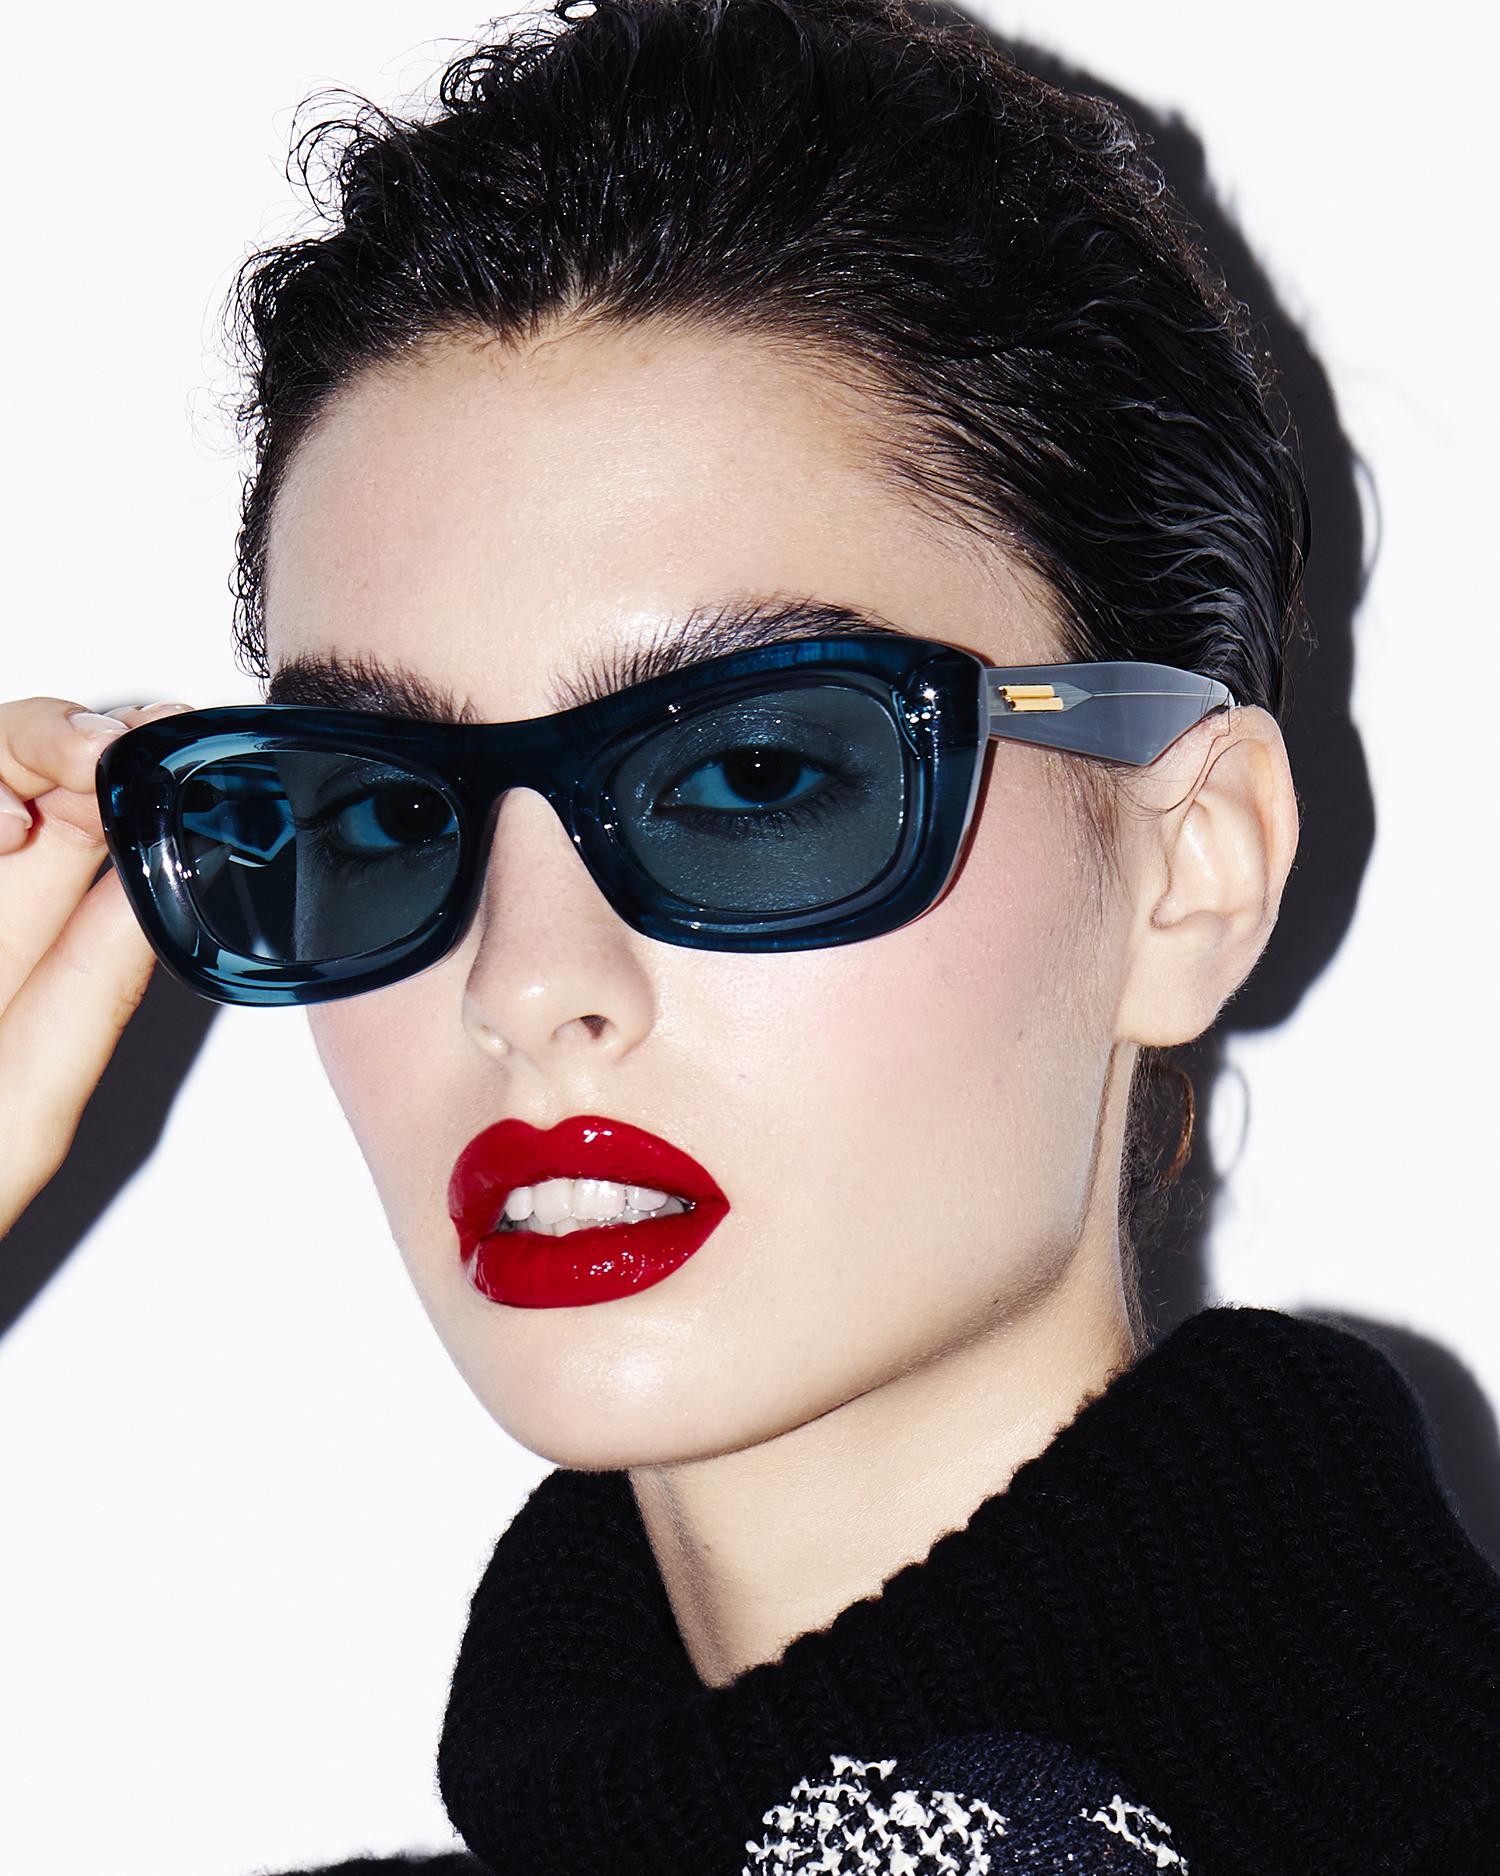 female model dark hair headshot wearing sunglasses red lipstick